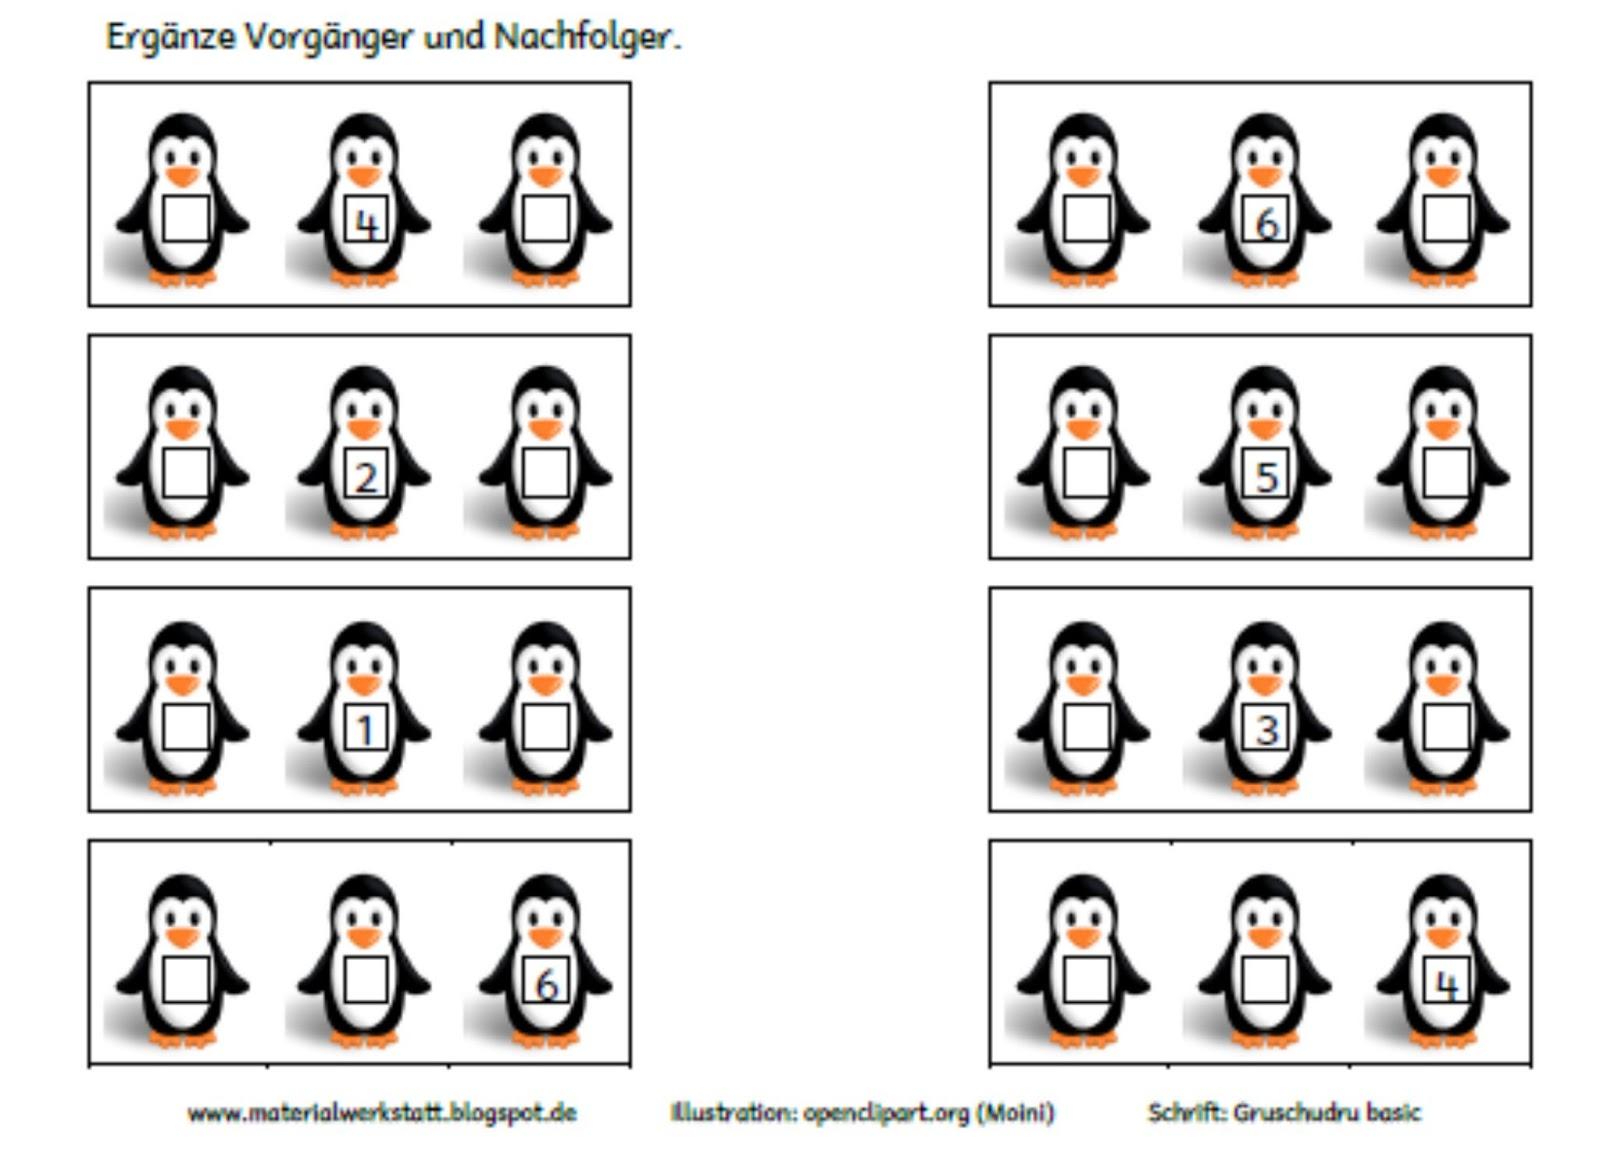 Berühmt Fehlende Zahlenfolge Arbeitsblatt Galerie - Super Lehrer ...